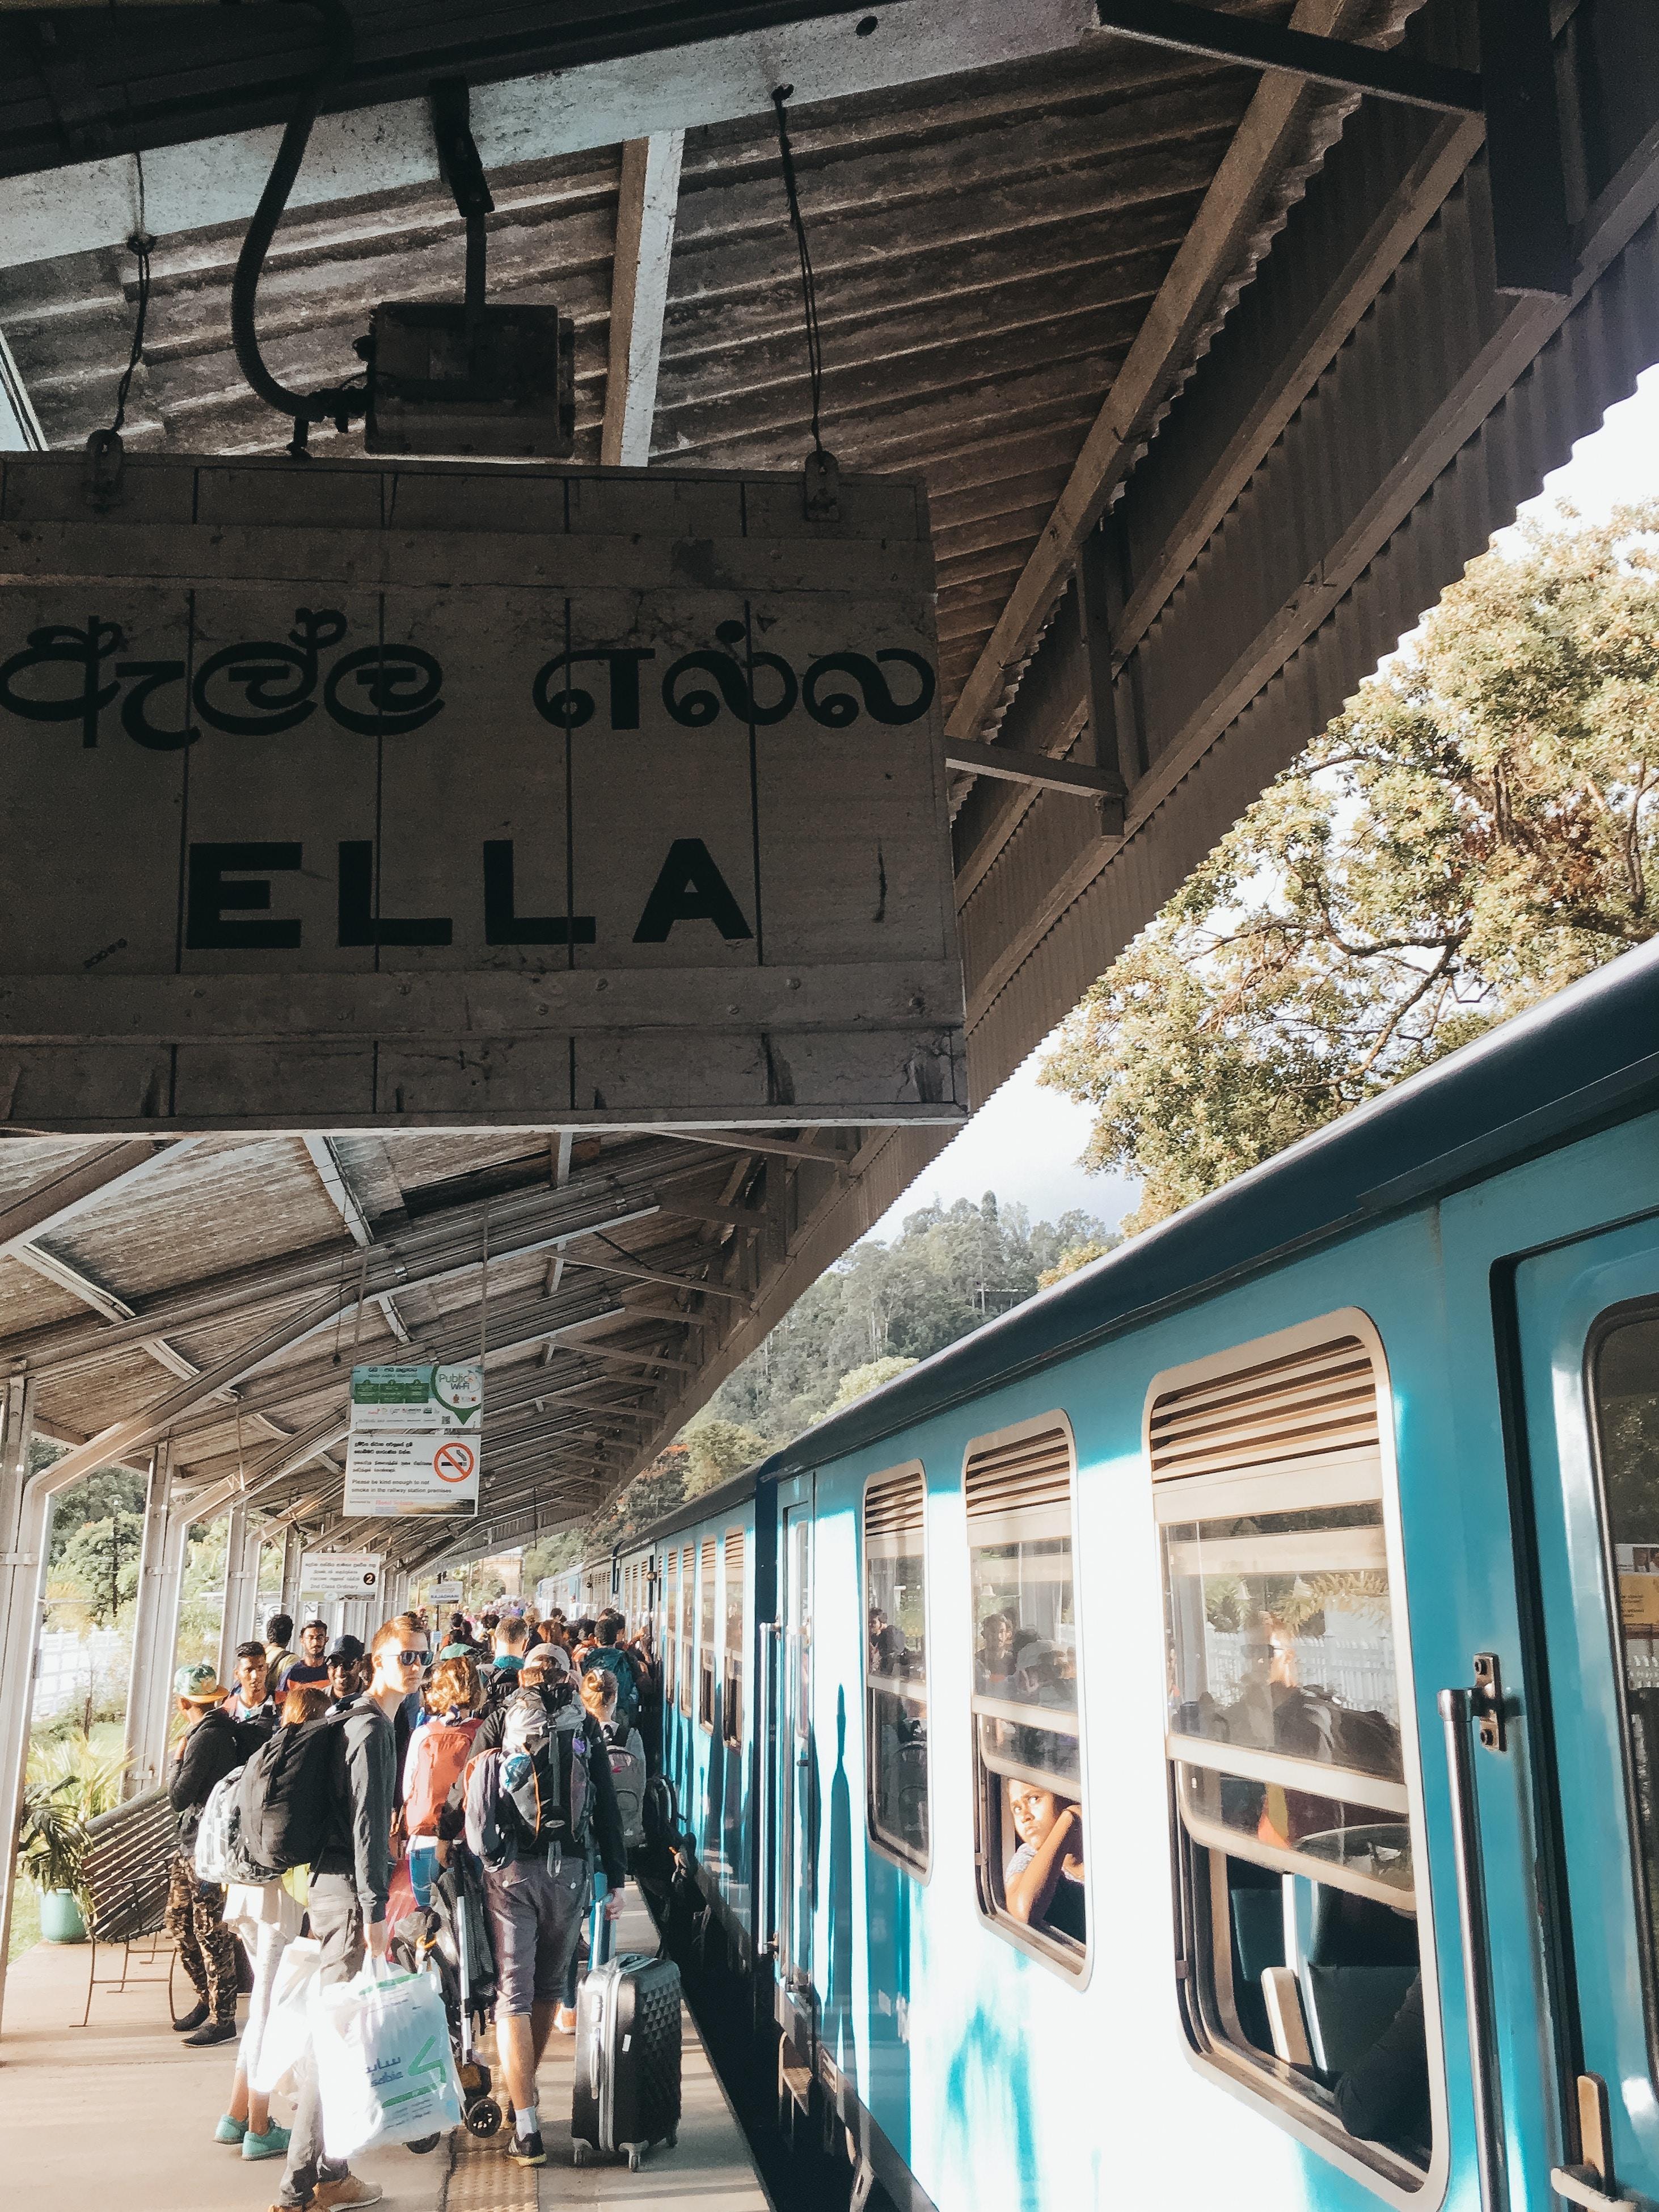 people standing beside teal train